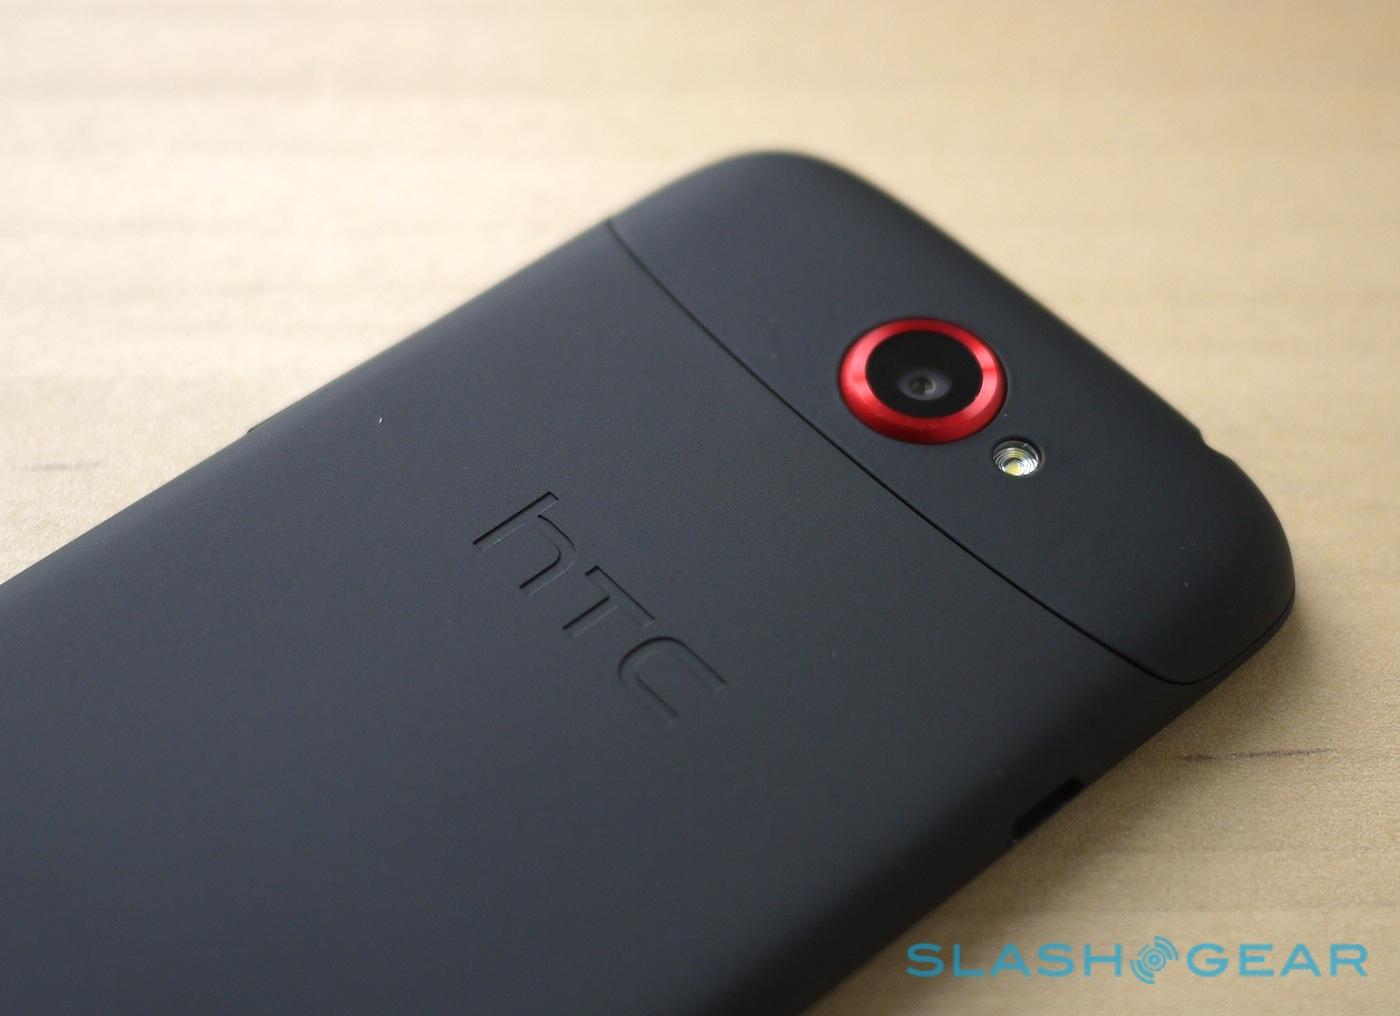 HTC One S Review - SlashGear